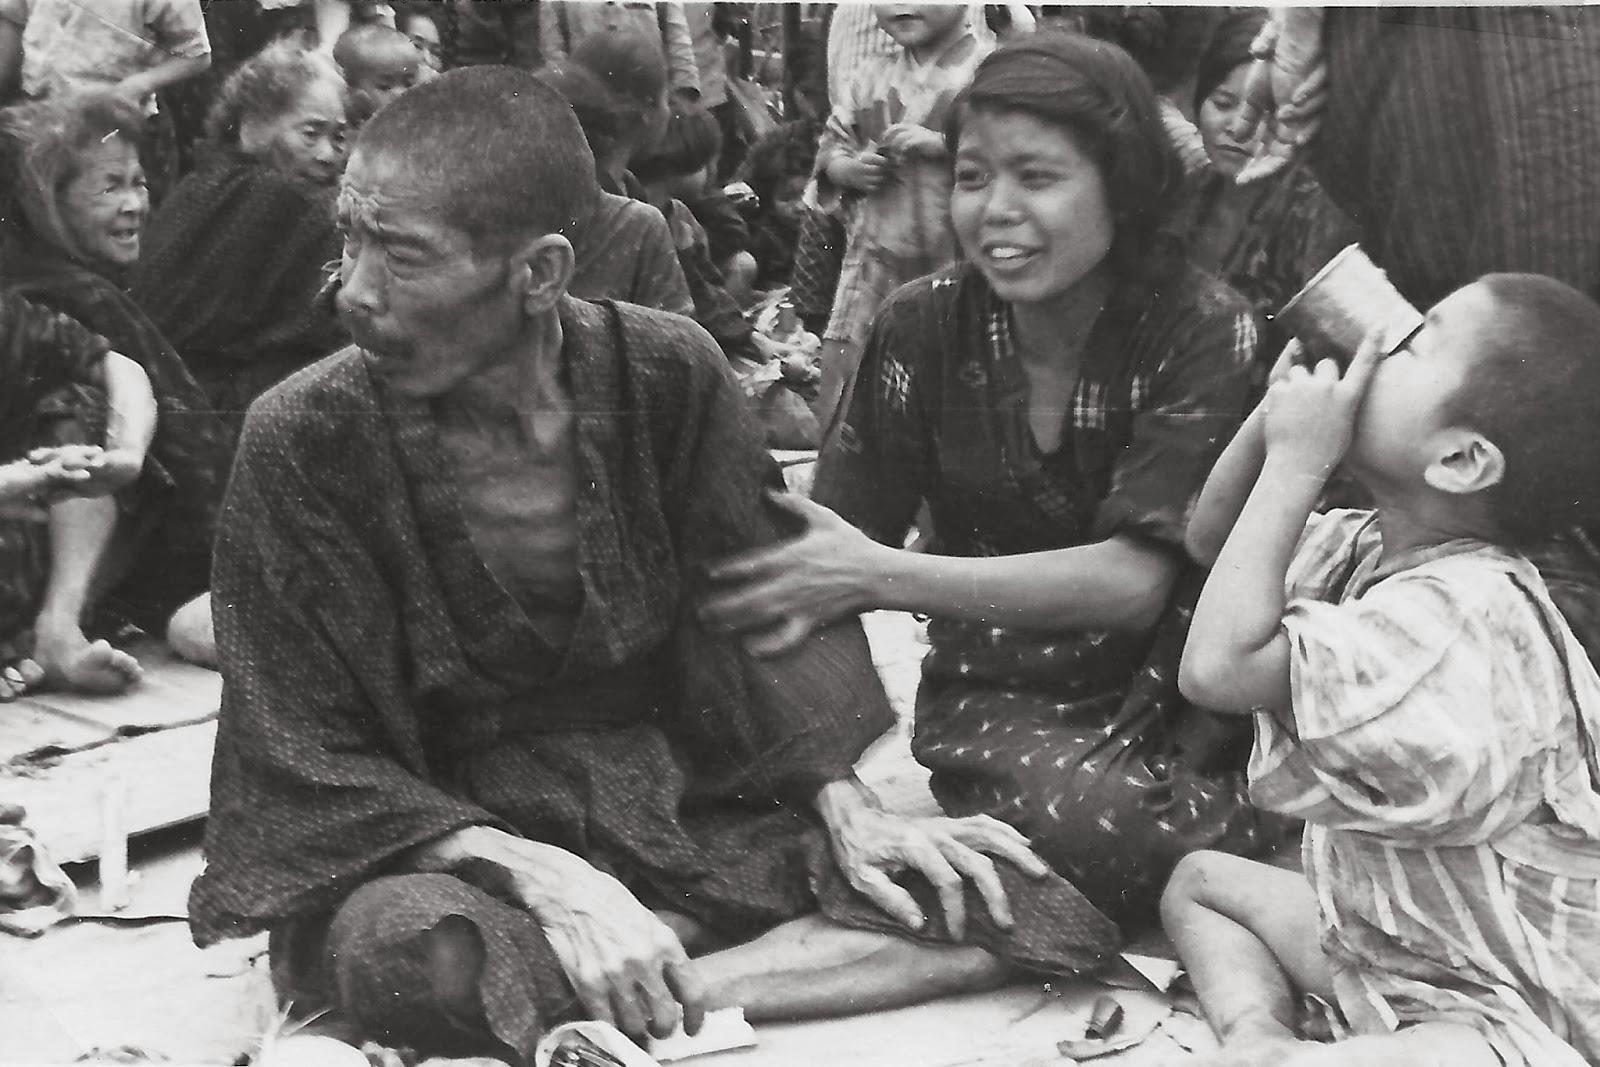 Urthman S Genealogy Blog Visit To Okinawa In May 1945